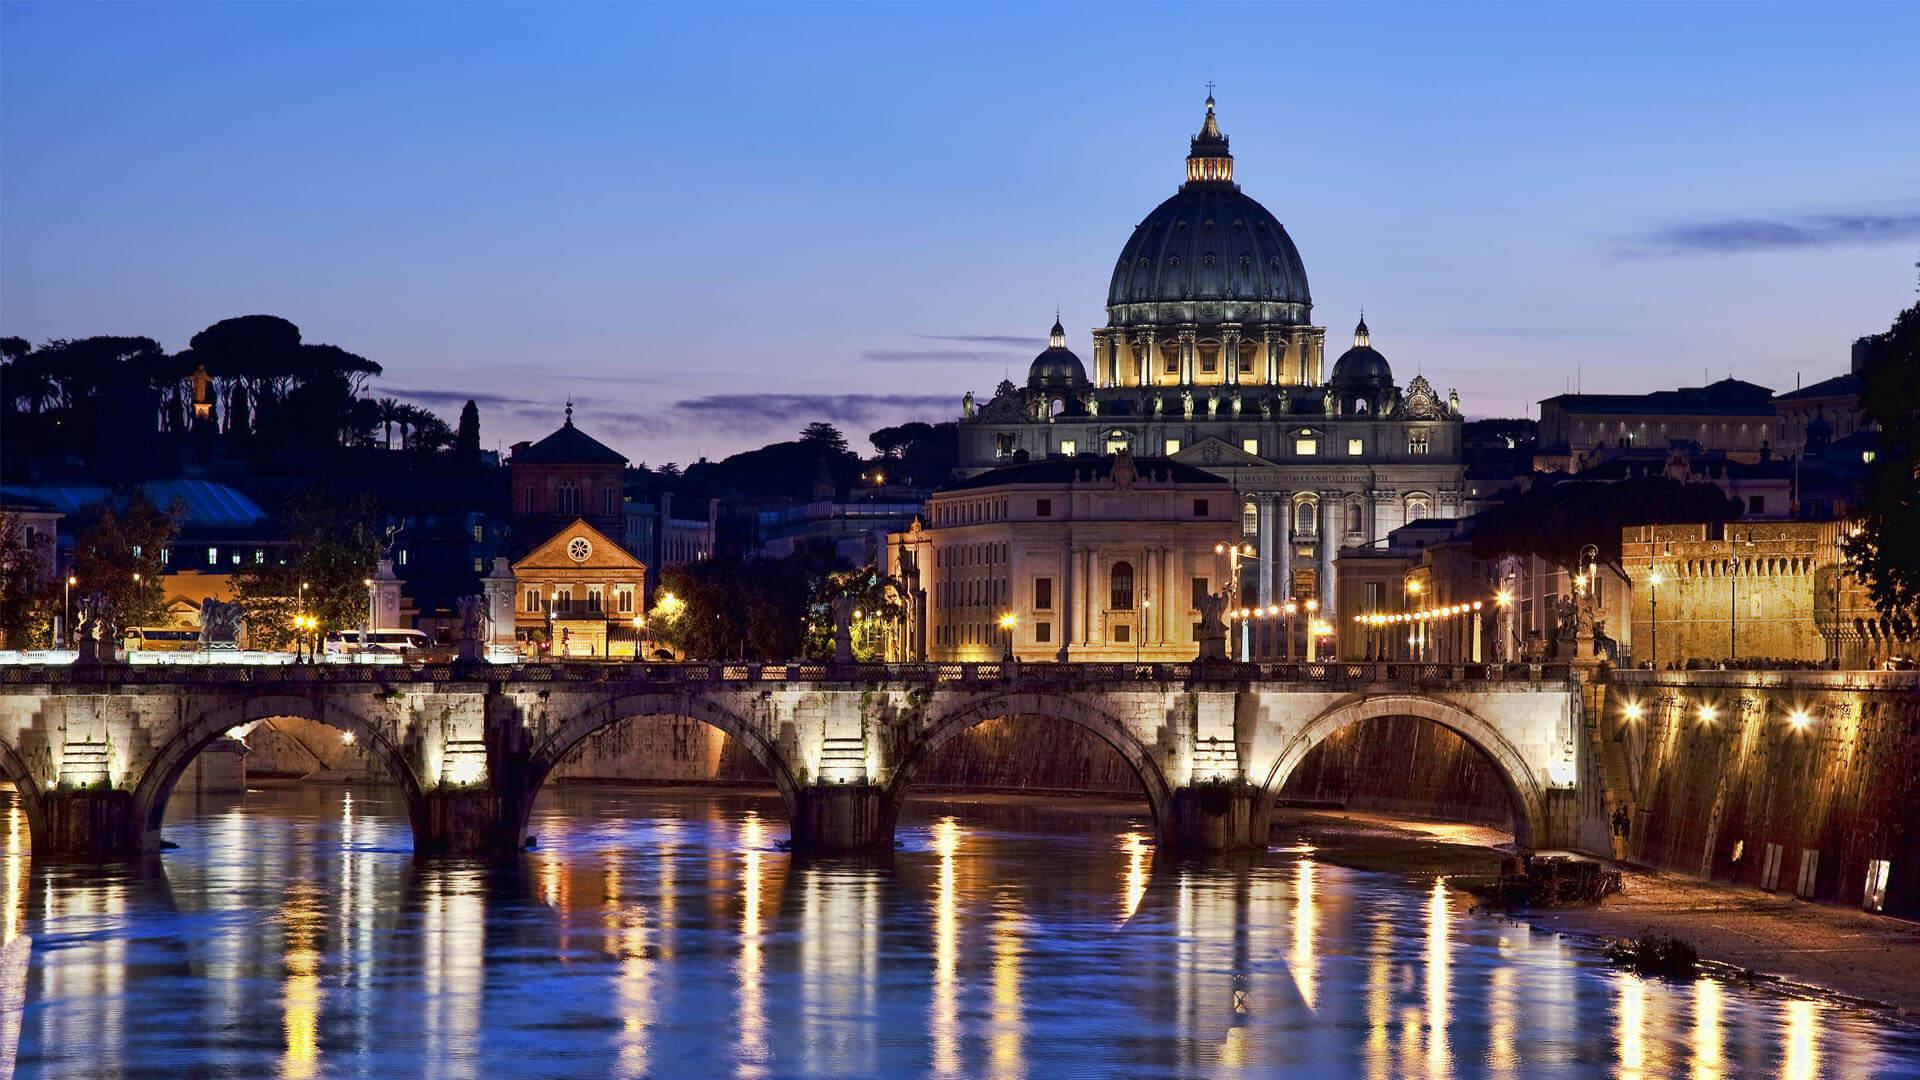 mam-e lifestyle 5 LOCALI TUTTI DA PROVARE A ROMA roma